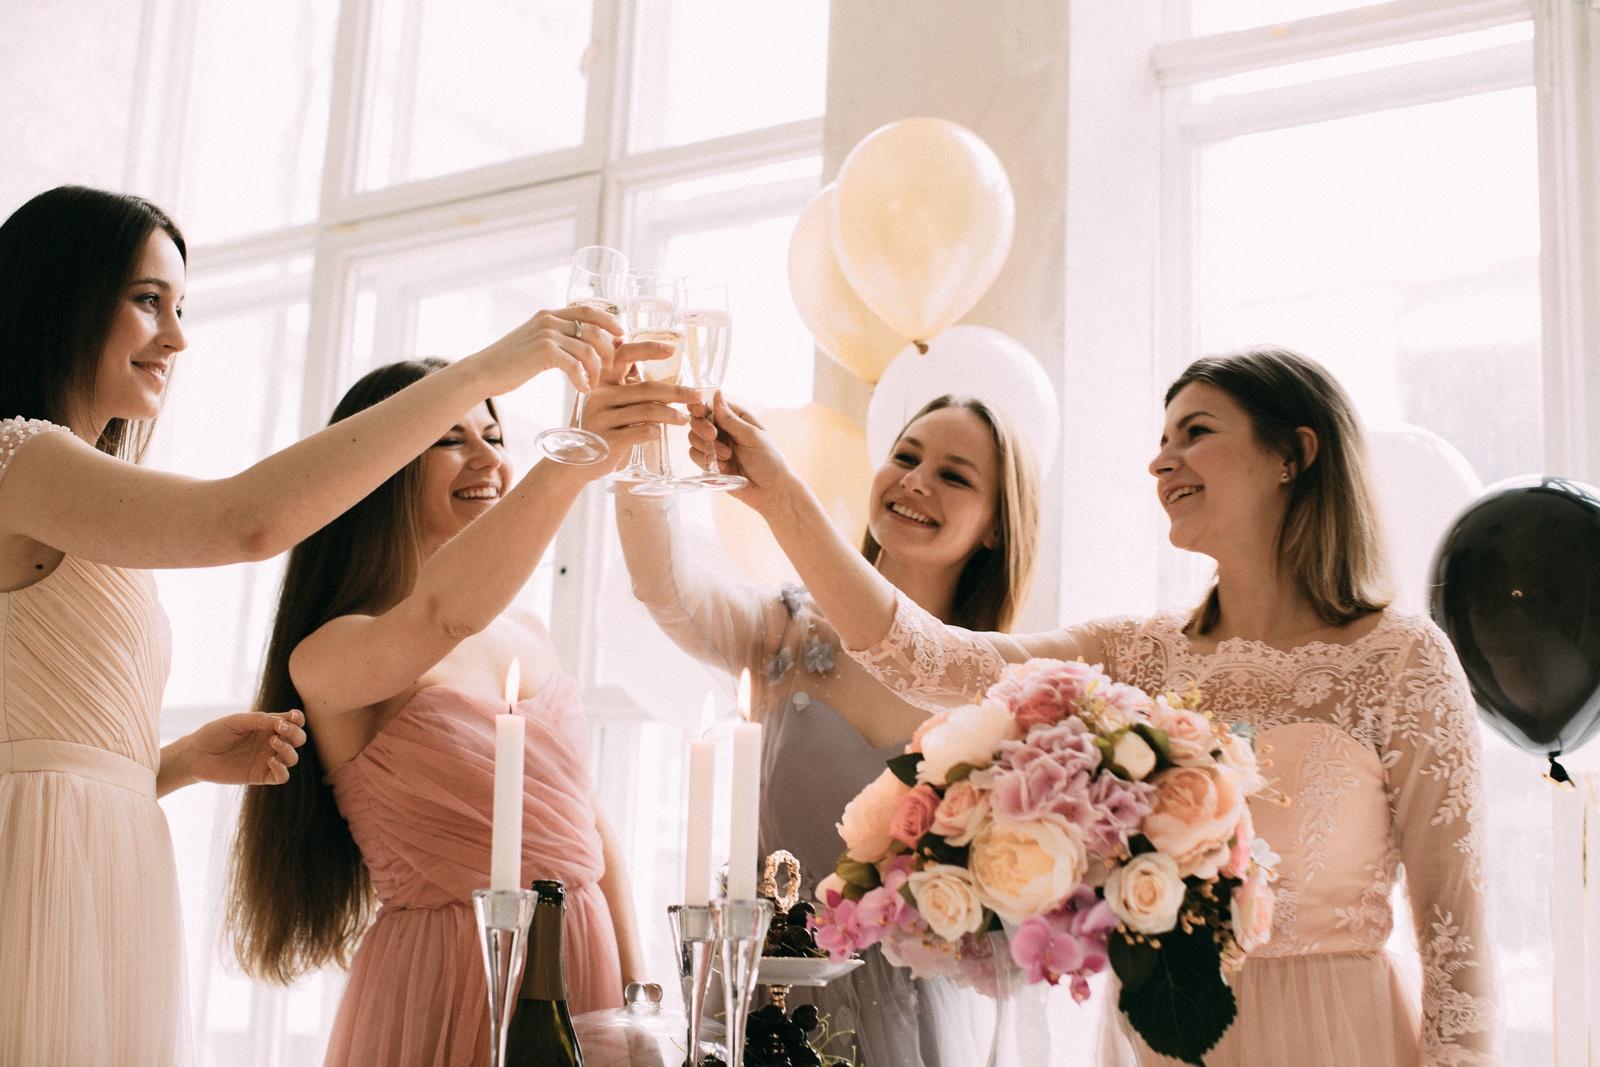 Безупречная свадьба это